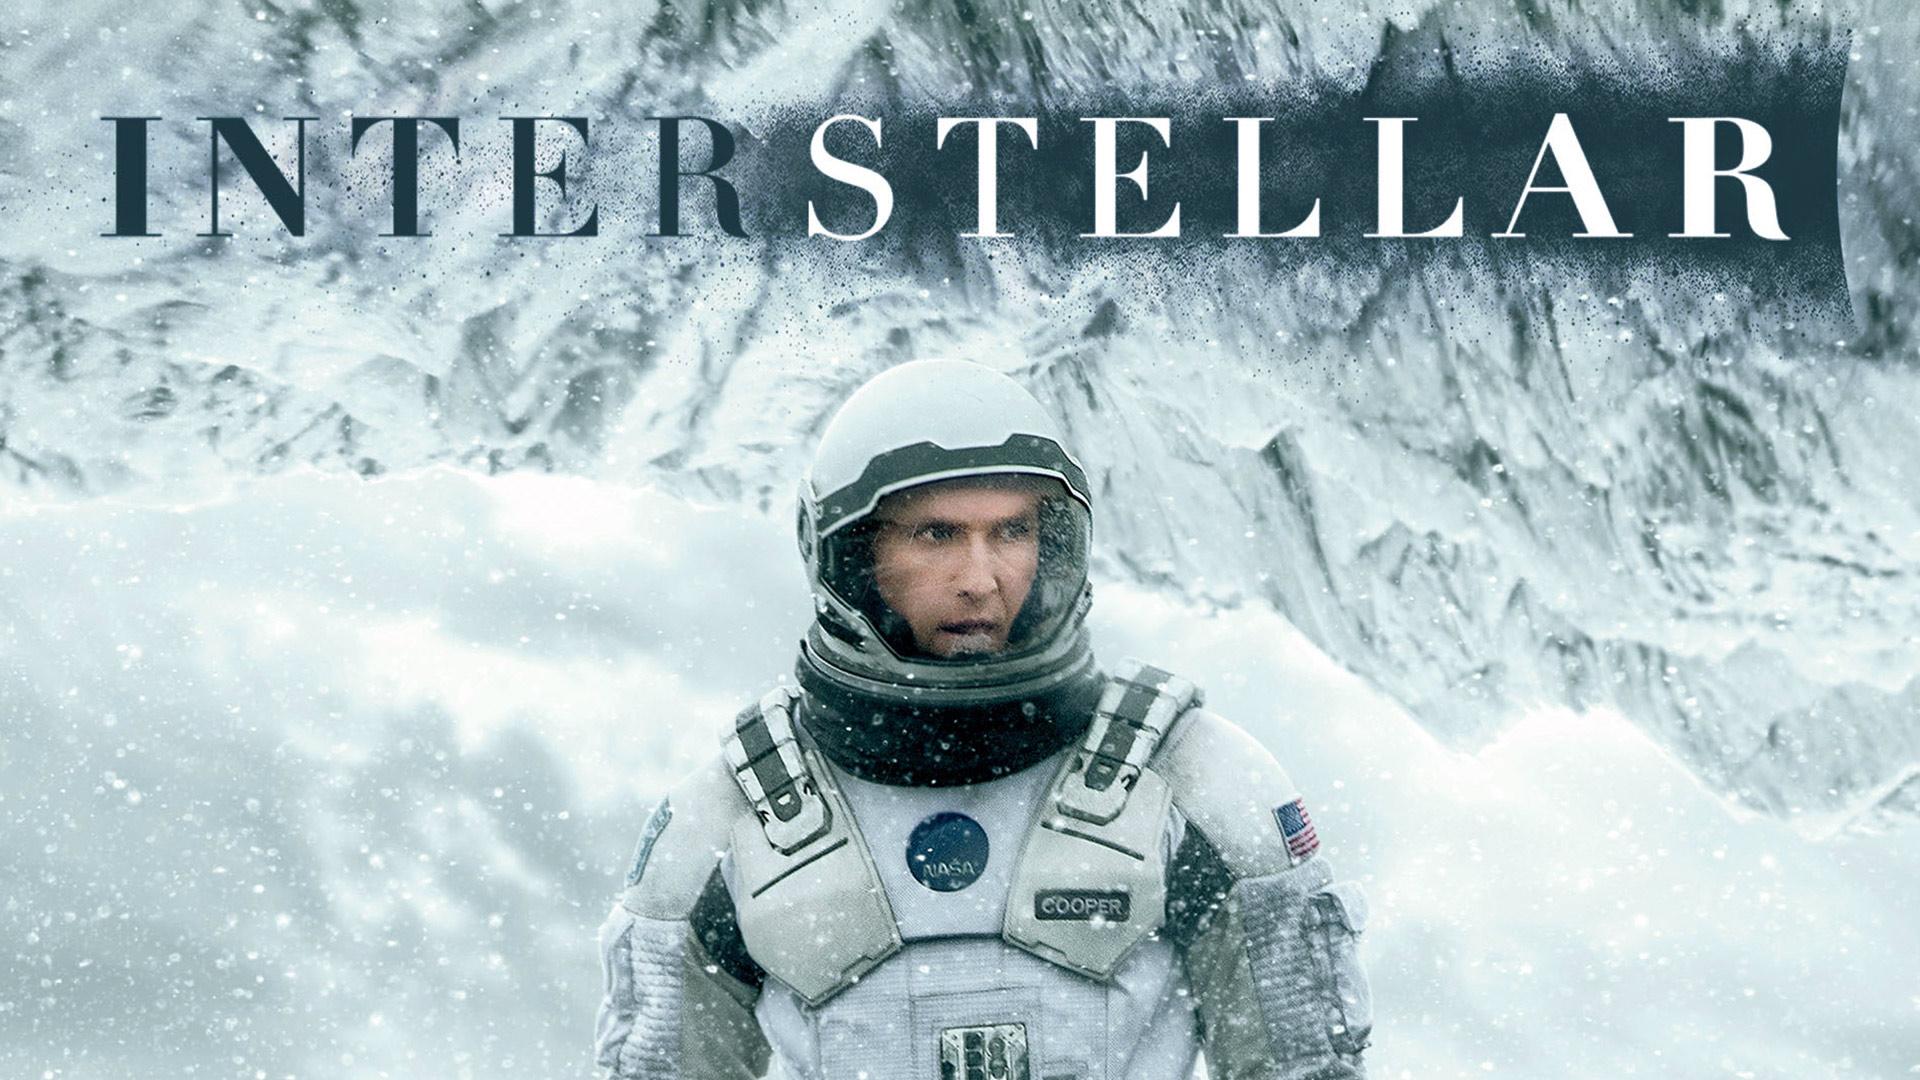 Interstellar (4K UHD)